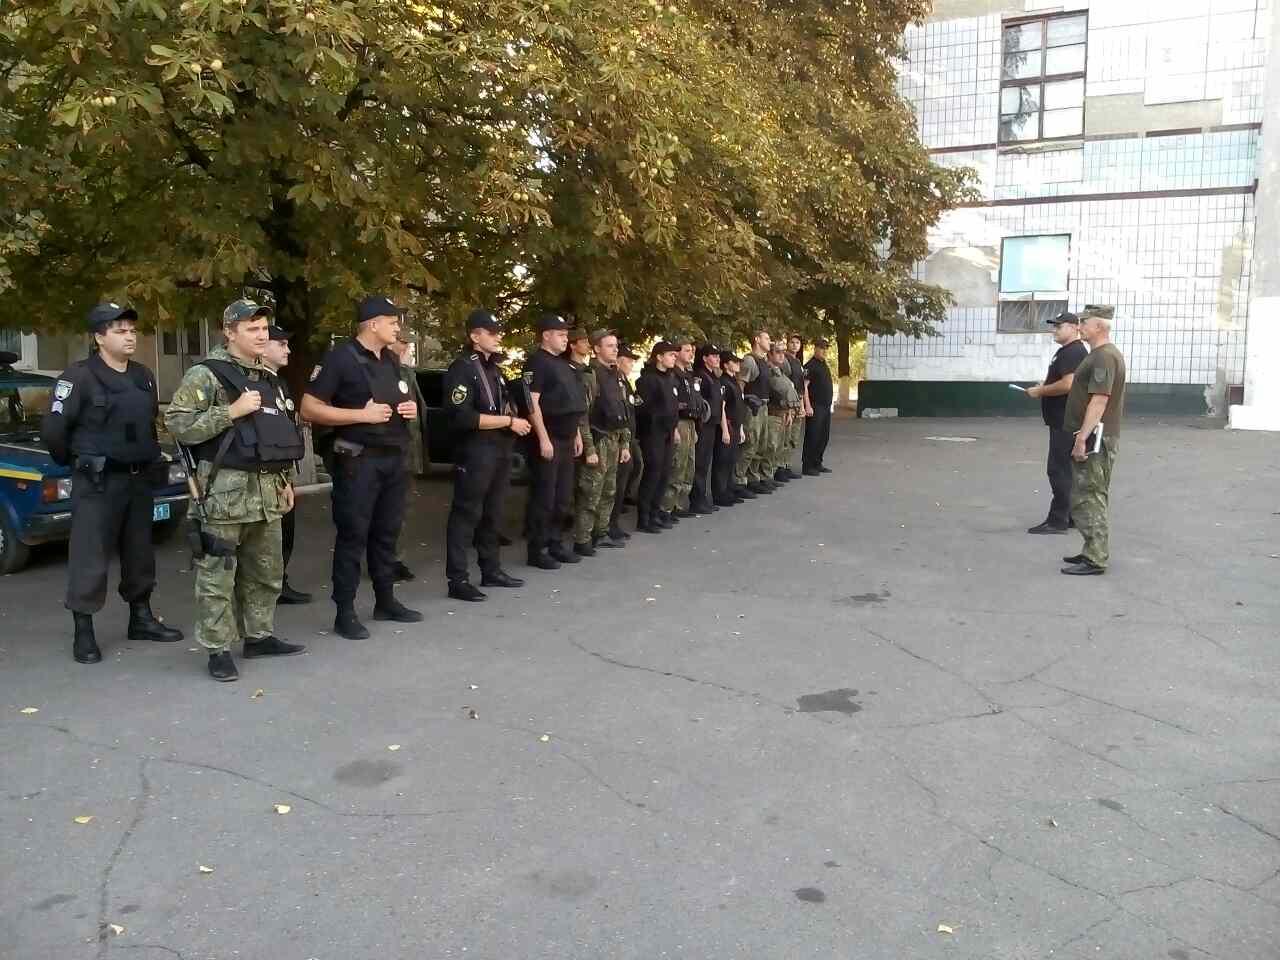 Правоохоронці Покровської оперативної зони готові до забезпечення правопорядку на День міста та День шахтаря, фото-11